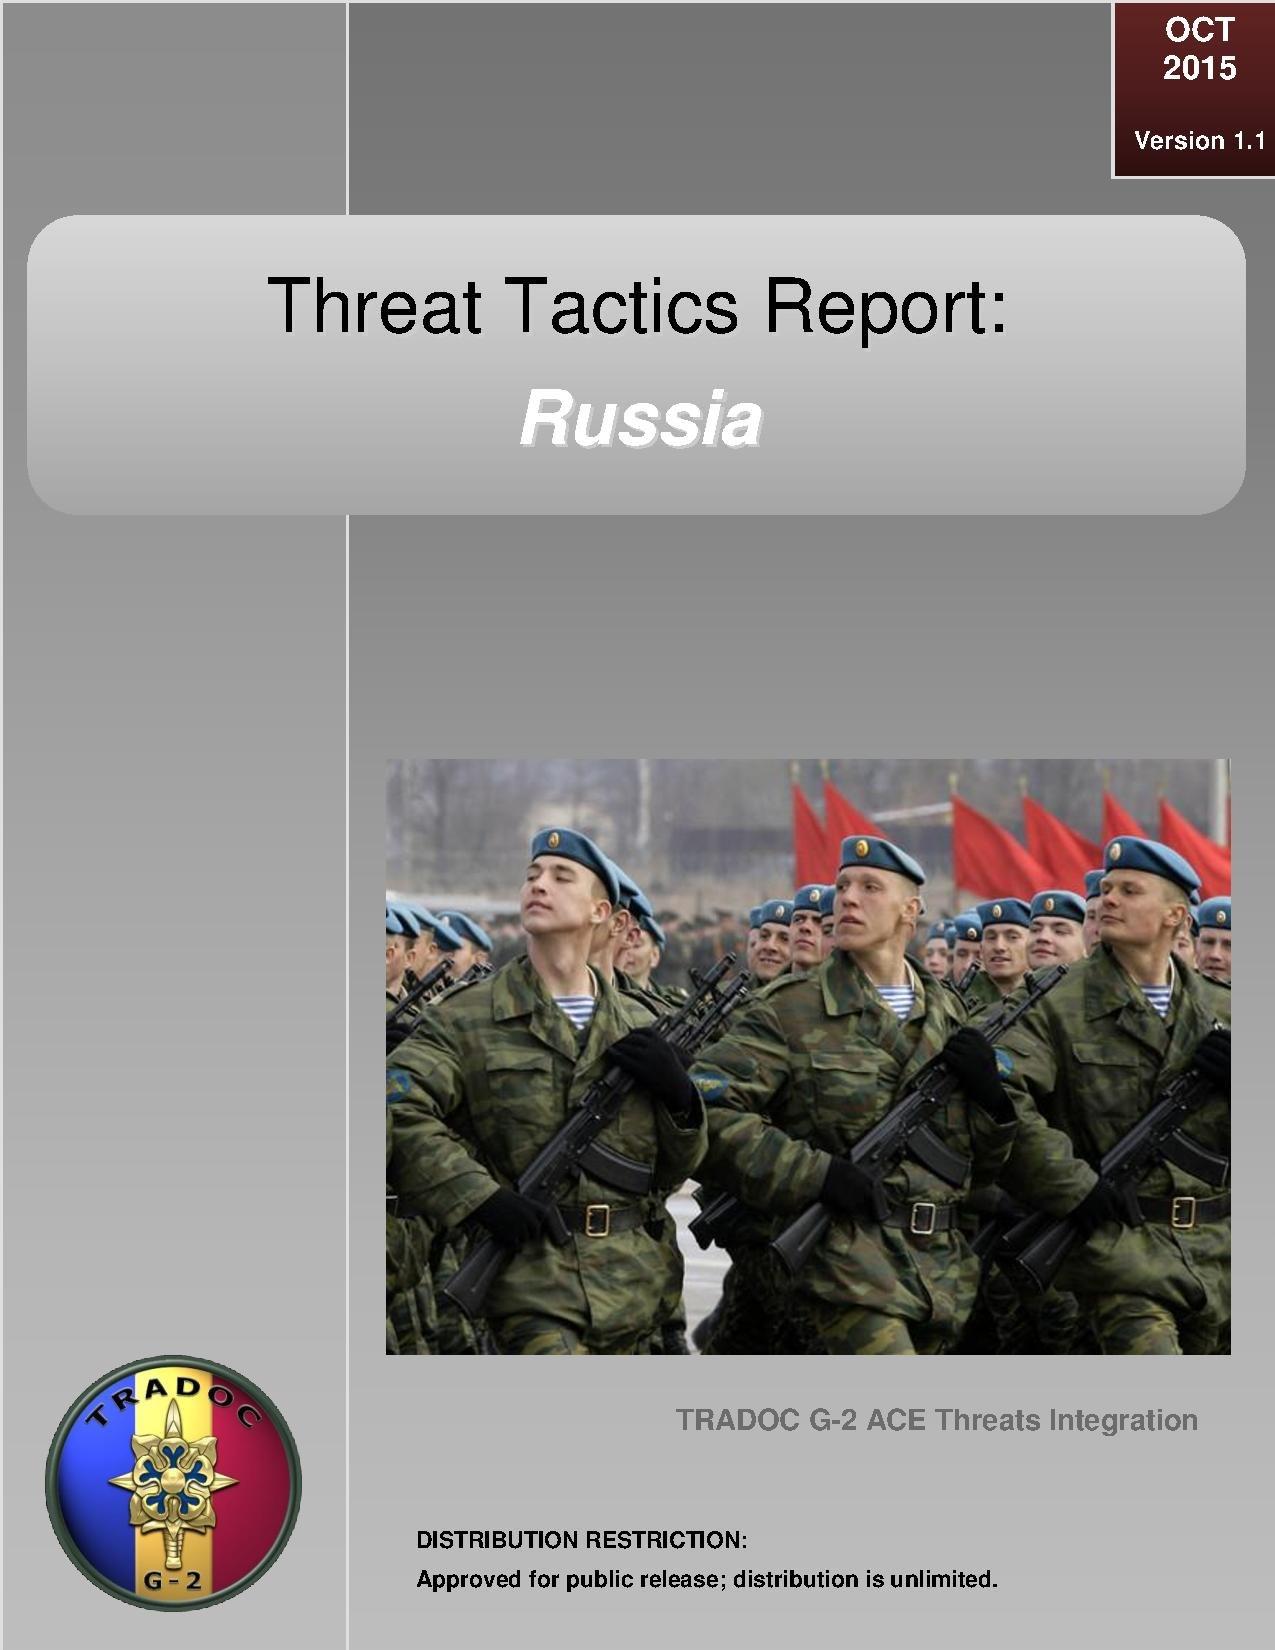 File:Threat Tactics Report - Russia (October 2015), U S  Army TRADOC